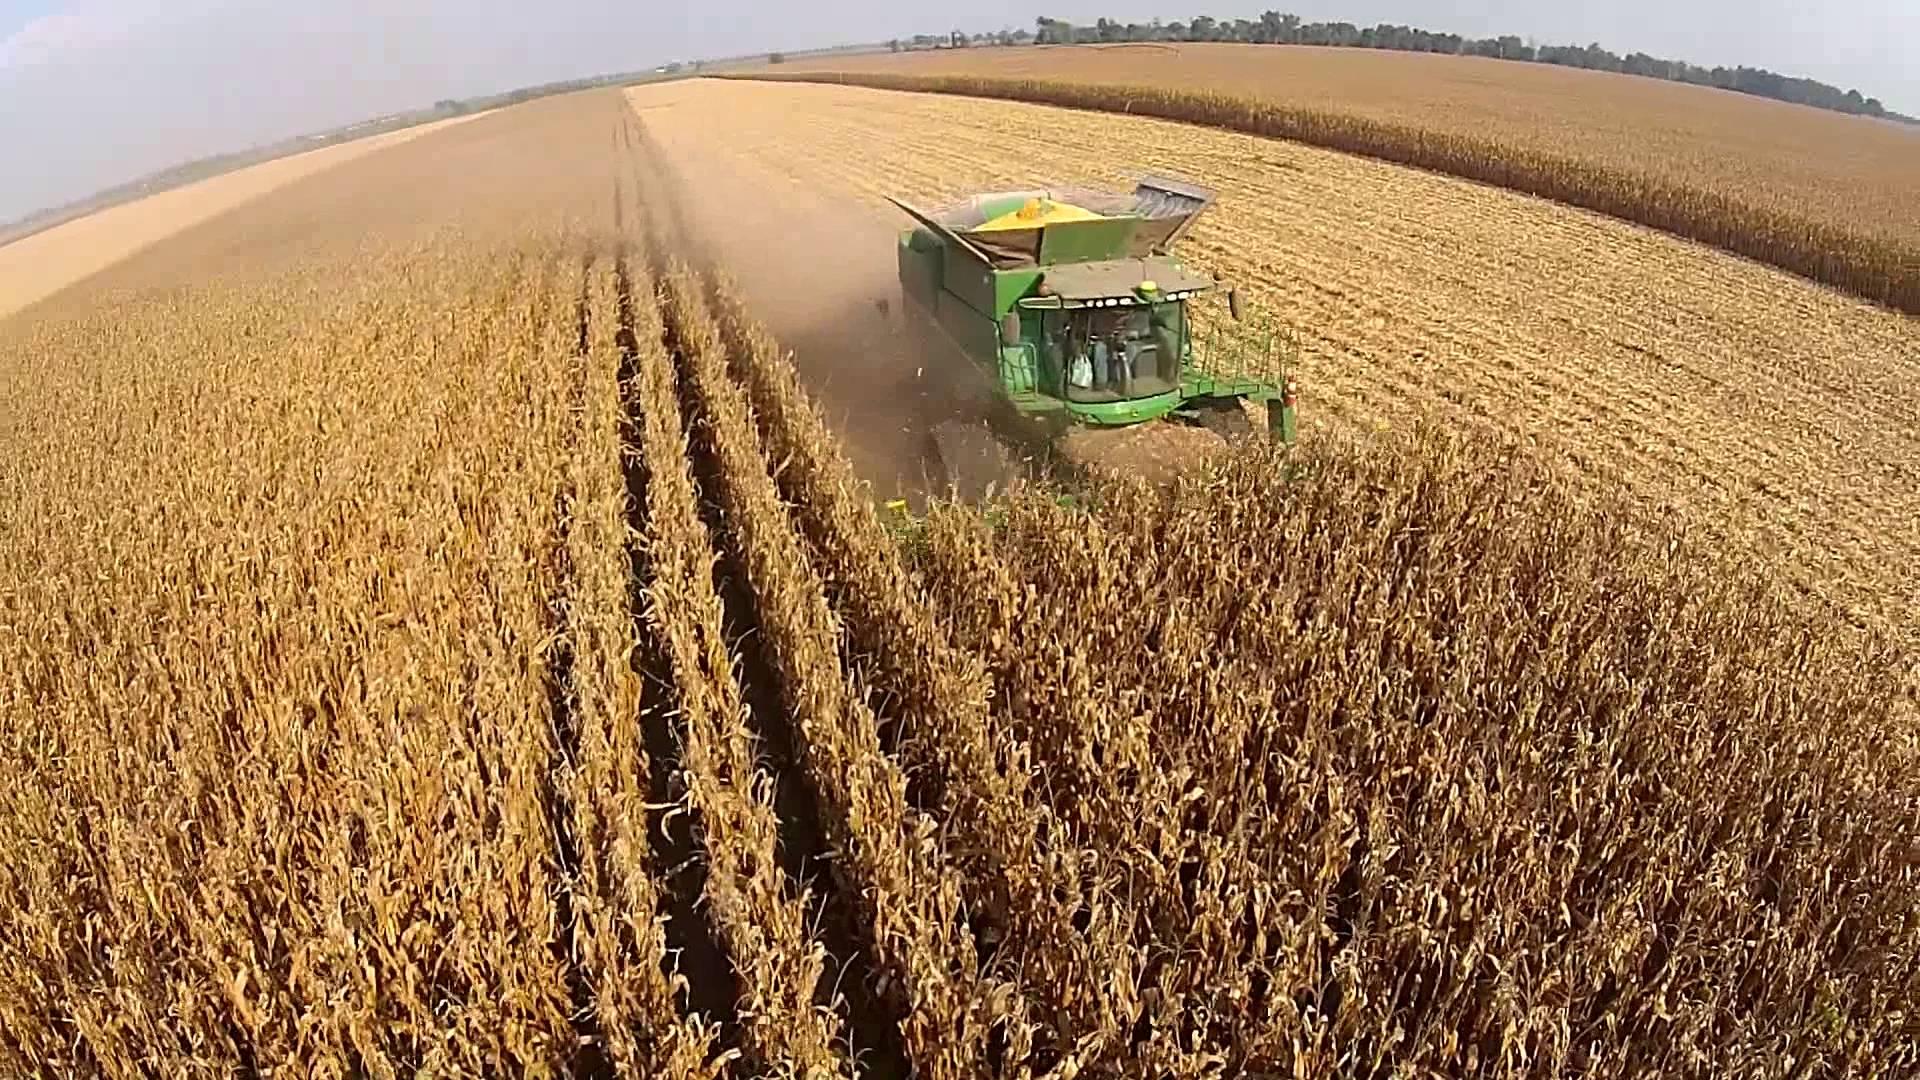 Ученые: геоинженерия позволит справиться с глобальным потеплением, однако негативно скажется на урожаях